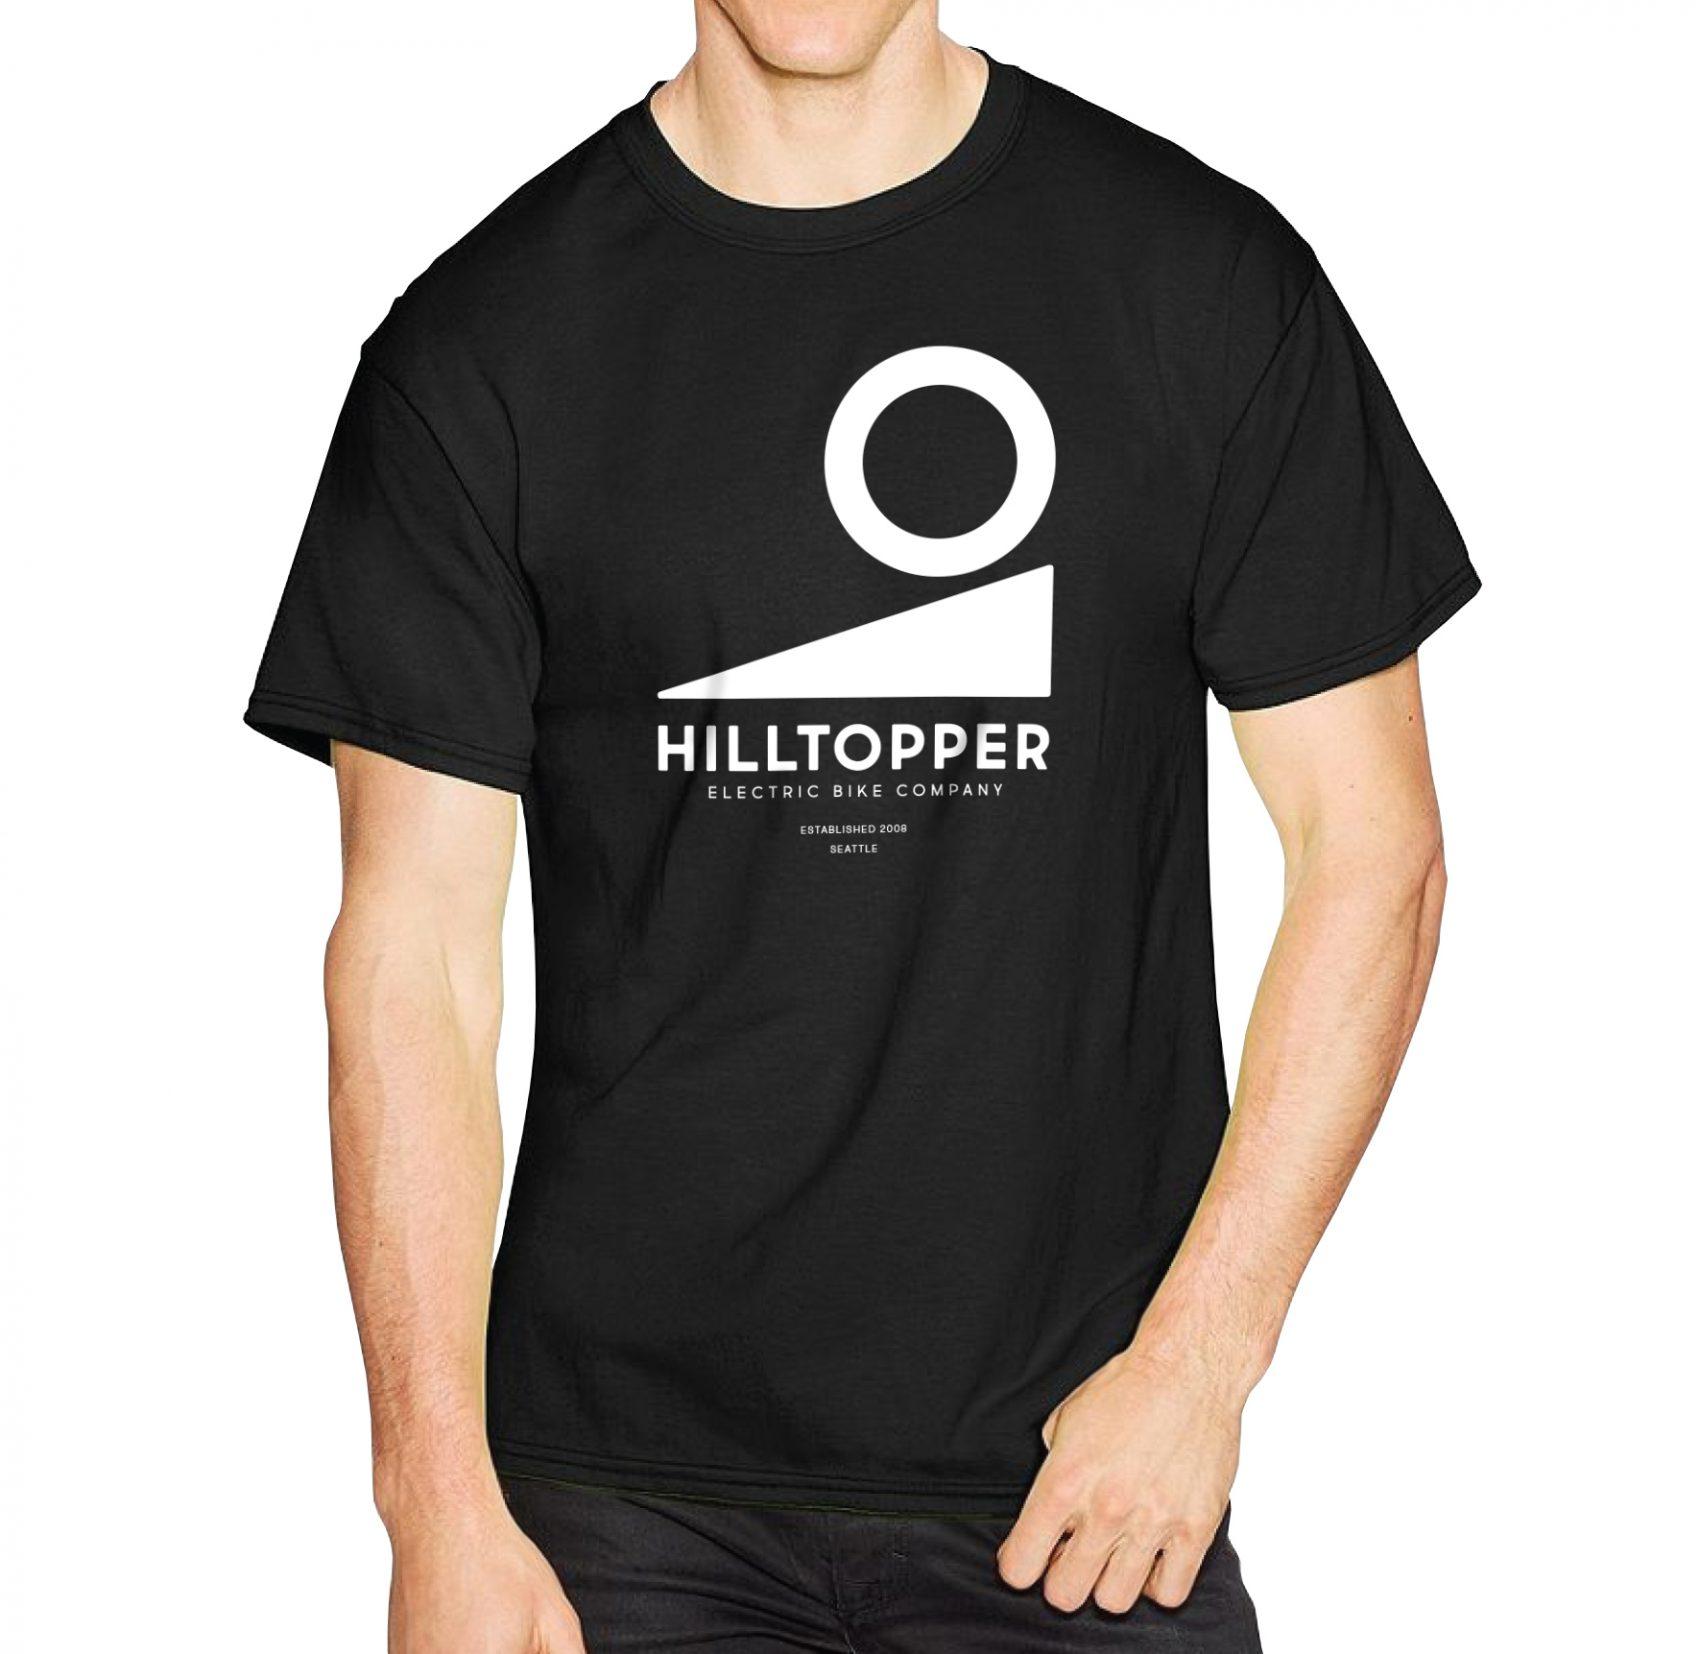 Hilltopper T-Shirt